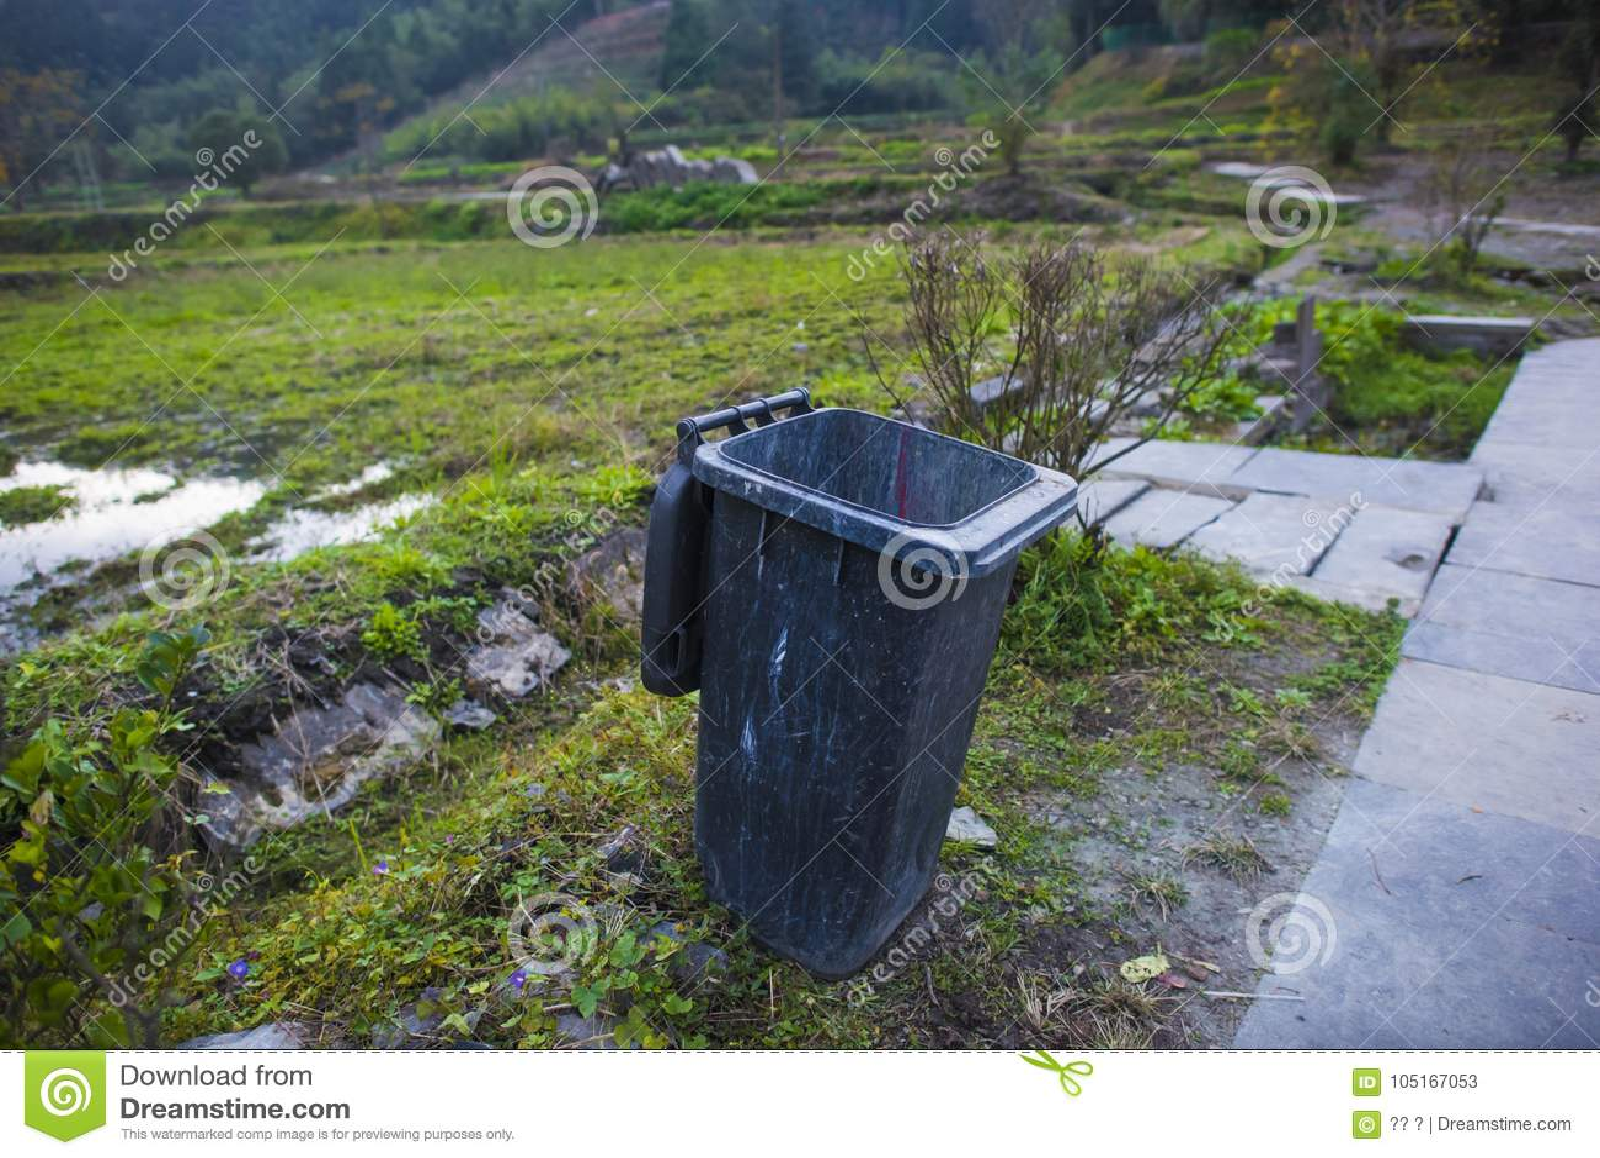 De vuilnisbak op de rand van het gebied